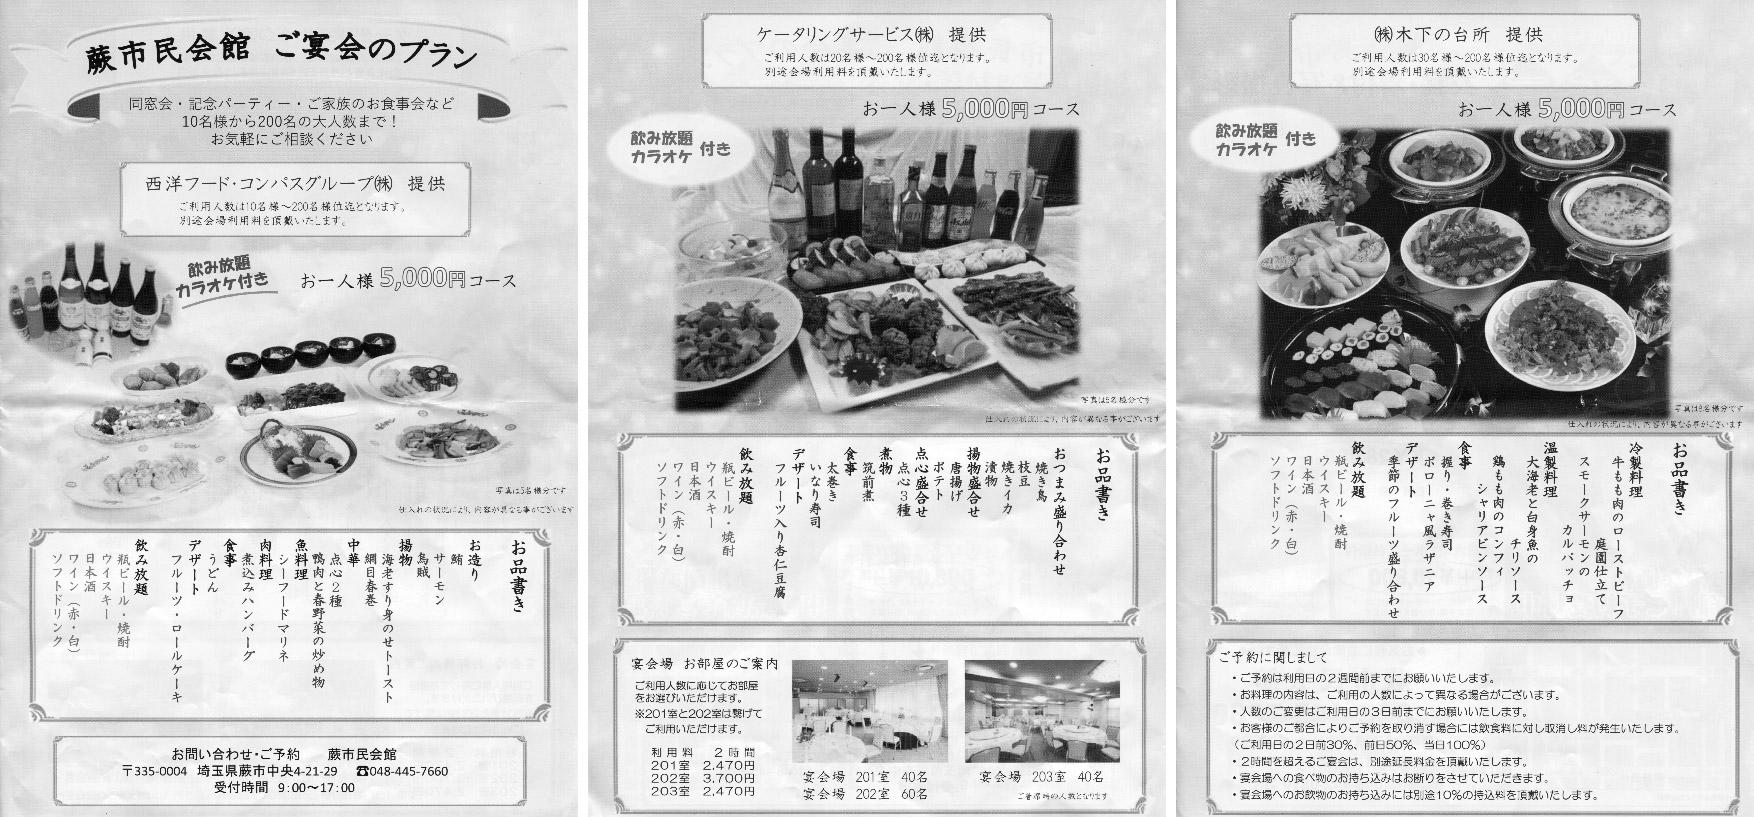 市民会館の食事提供事業のパンフレット(一部)